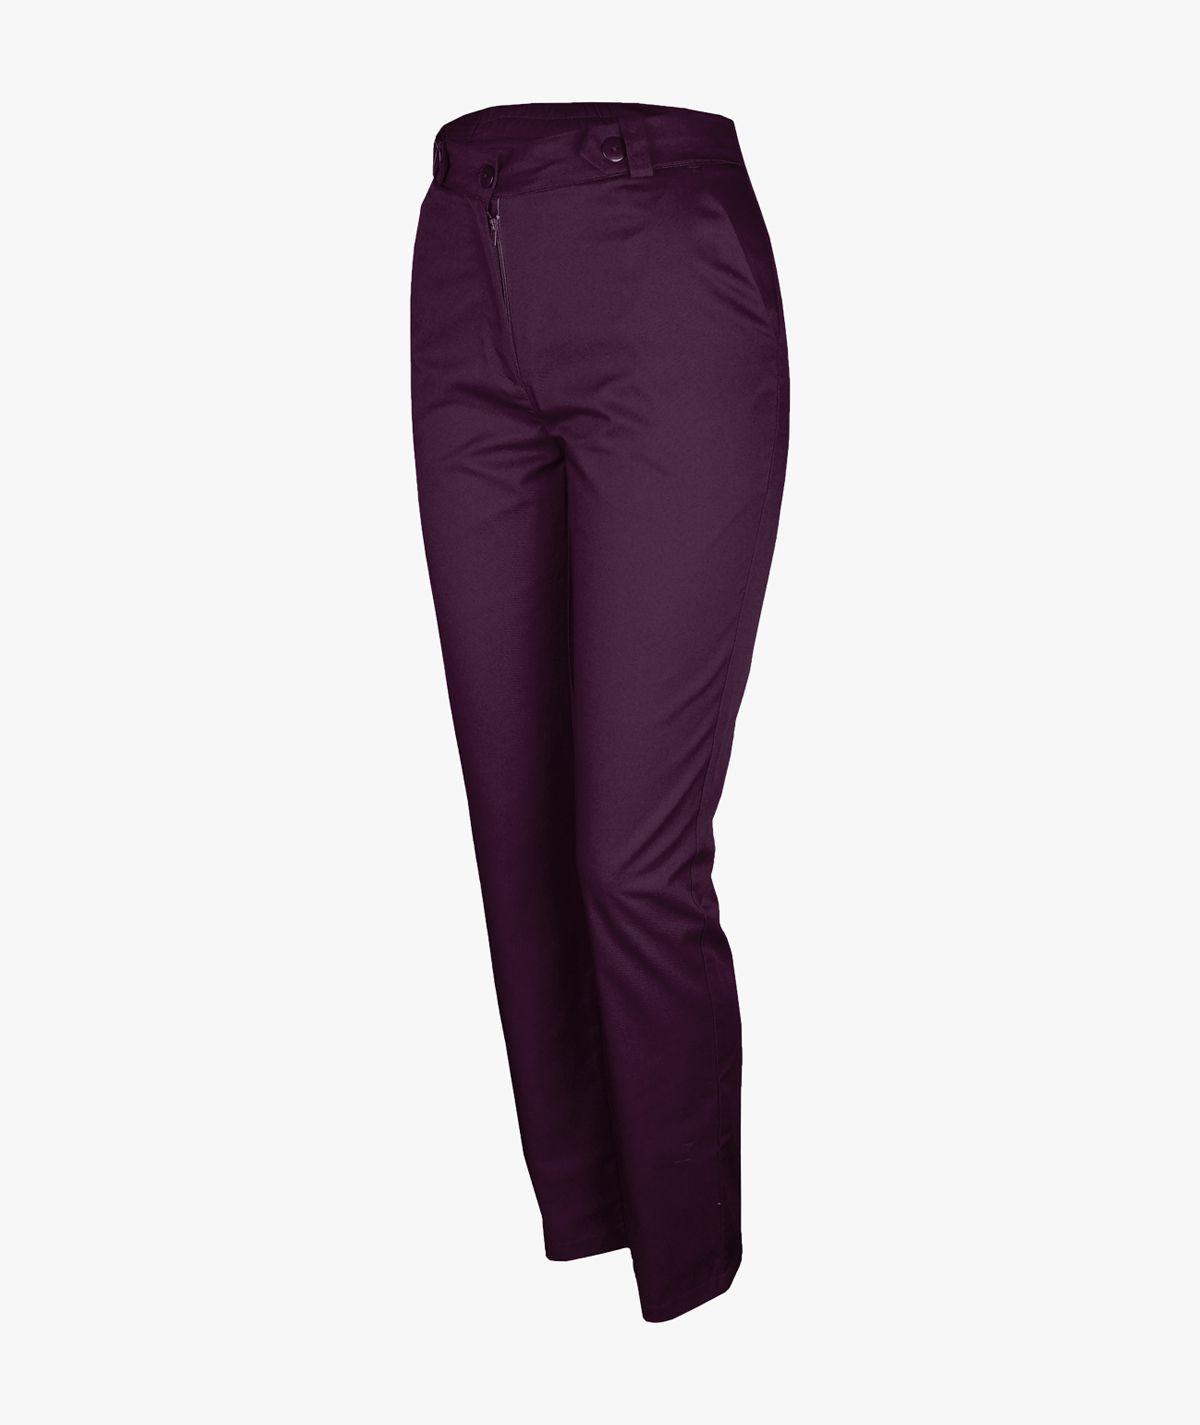 Śliwkowe spodnie medyczne Mira